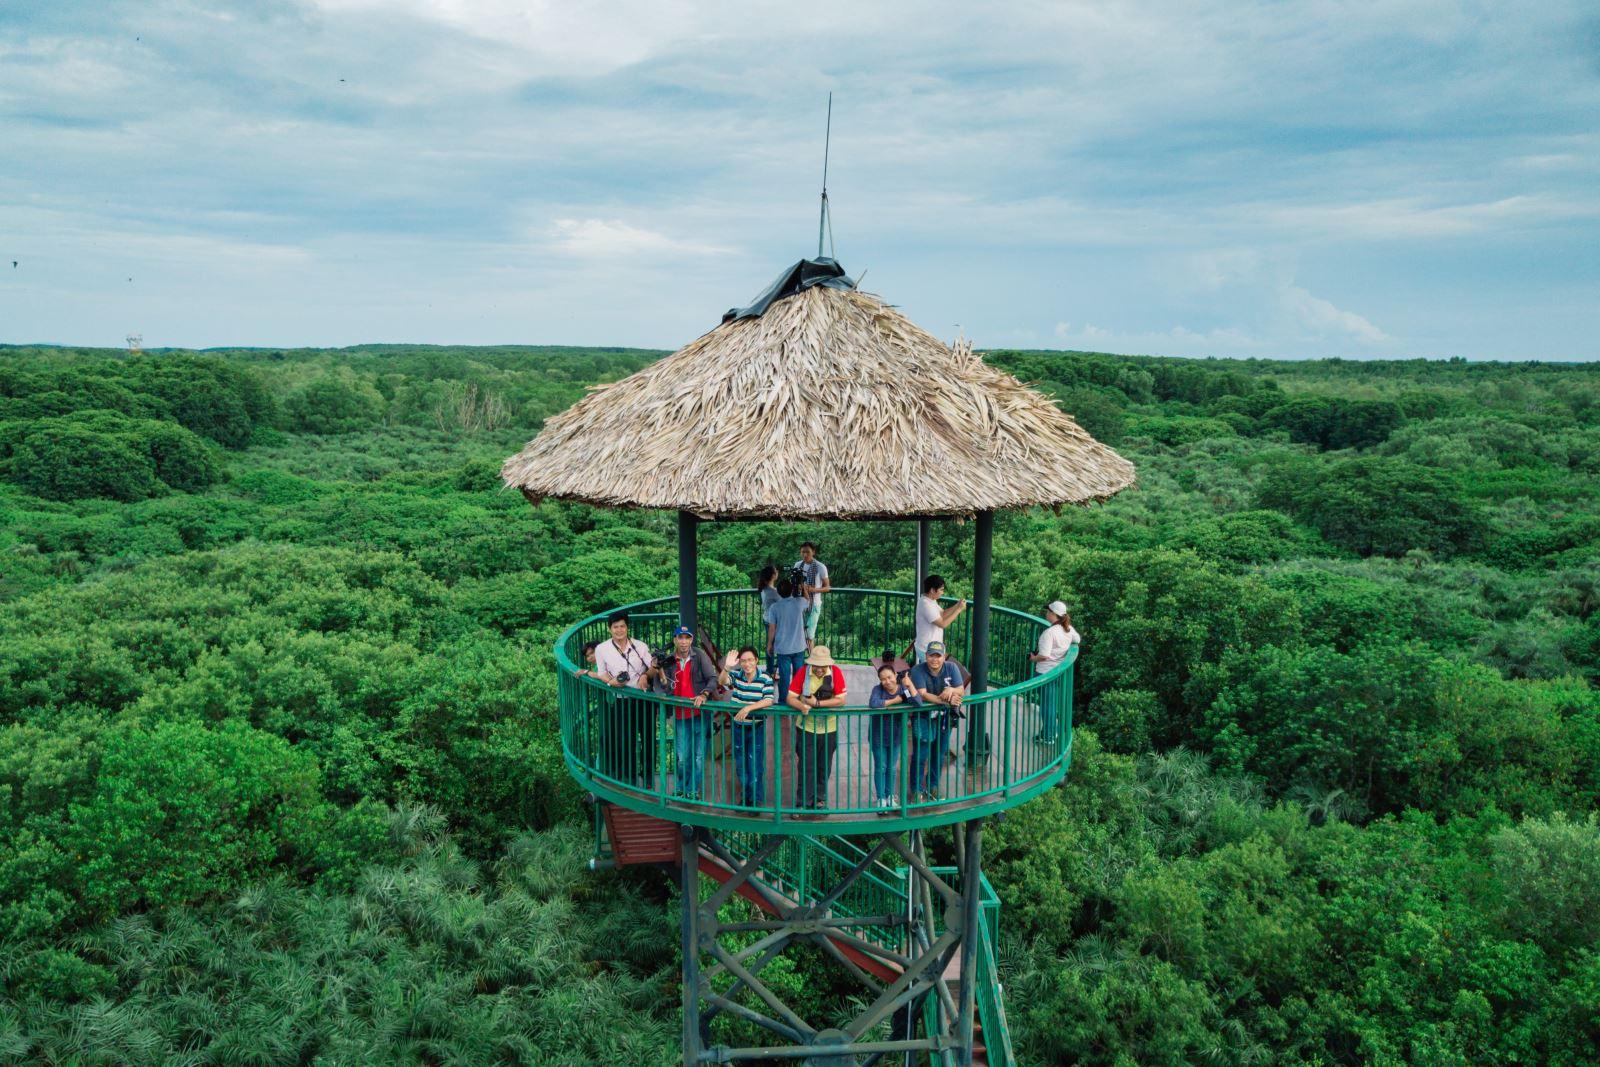 Khu du lịch sinh thái Cần Giờ. Hình: Sưu tầm